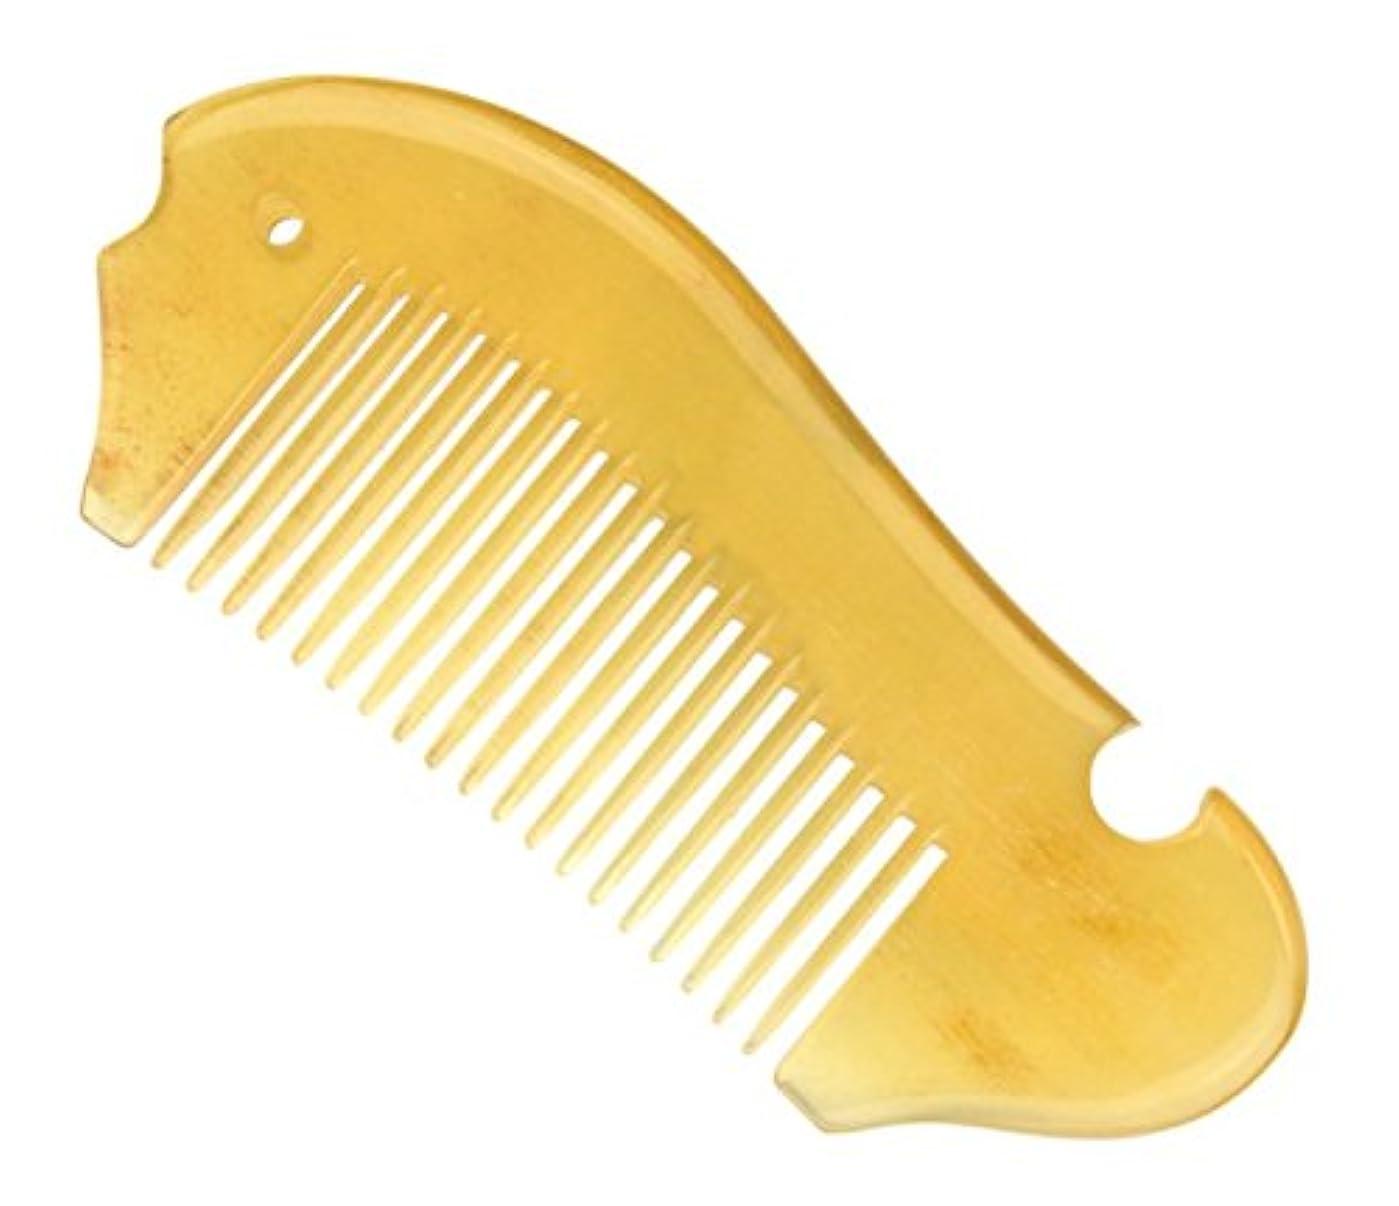 ツールほこりっぽい口実櫛型 プロも使う羊角かっさプレート マサージ用 血行改善 高級 天然 静電気防止 美髪 美顔 ボディ リンパマッサージ